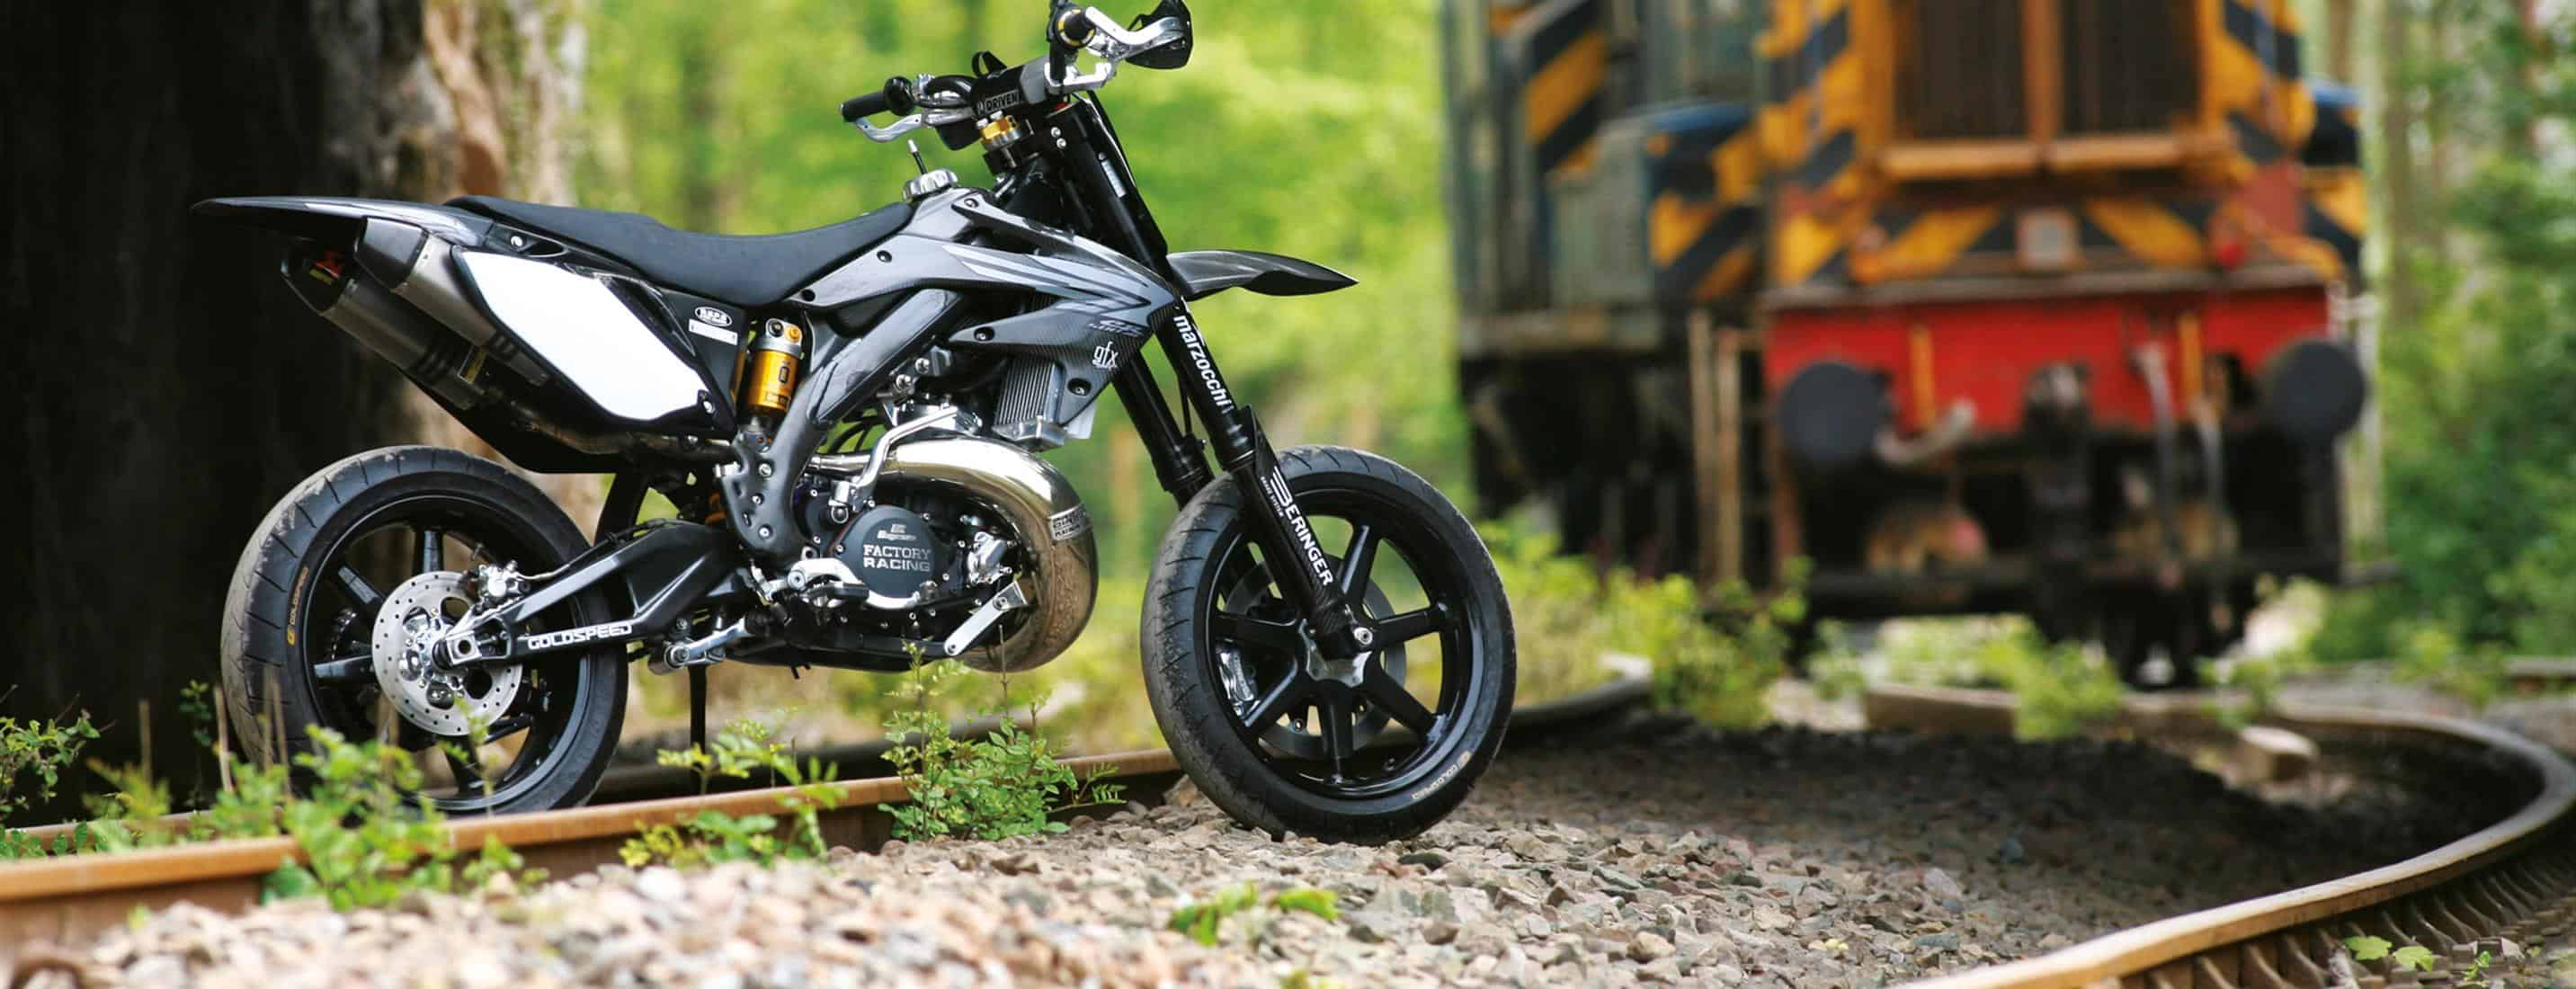 HONDA CR500 SM SPECIAL